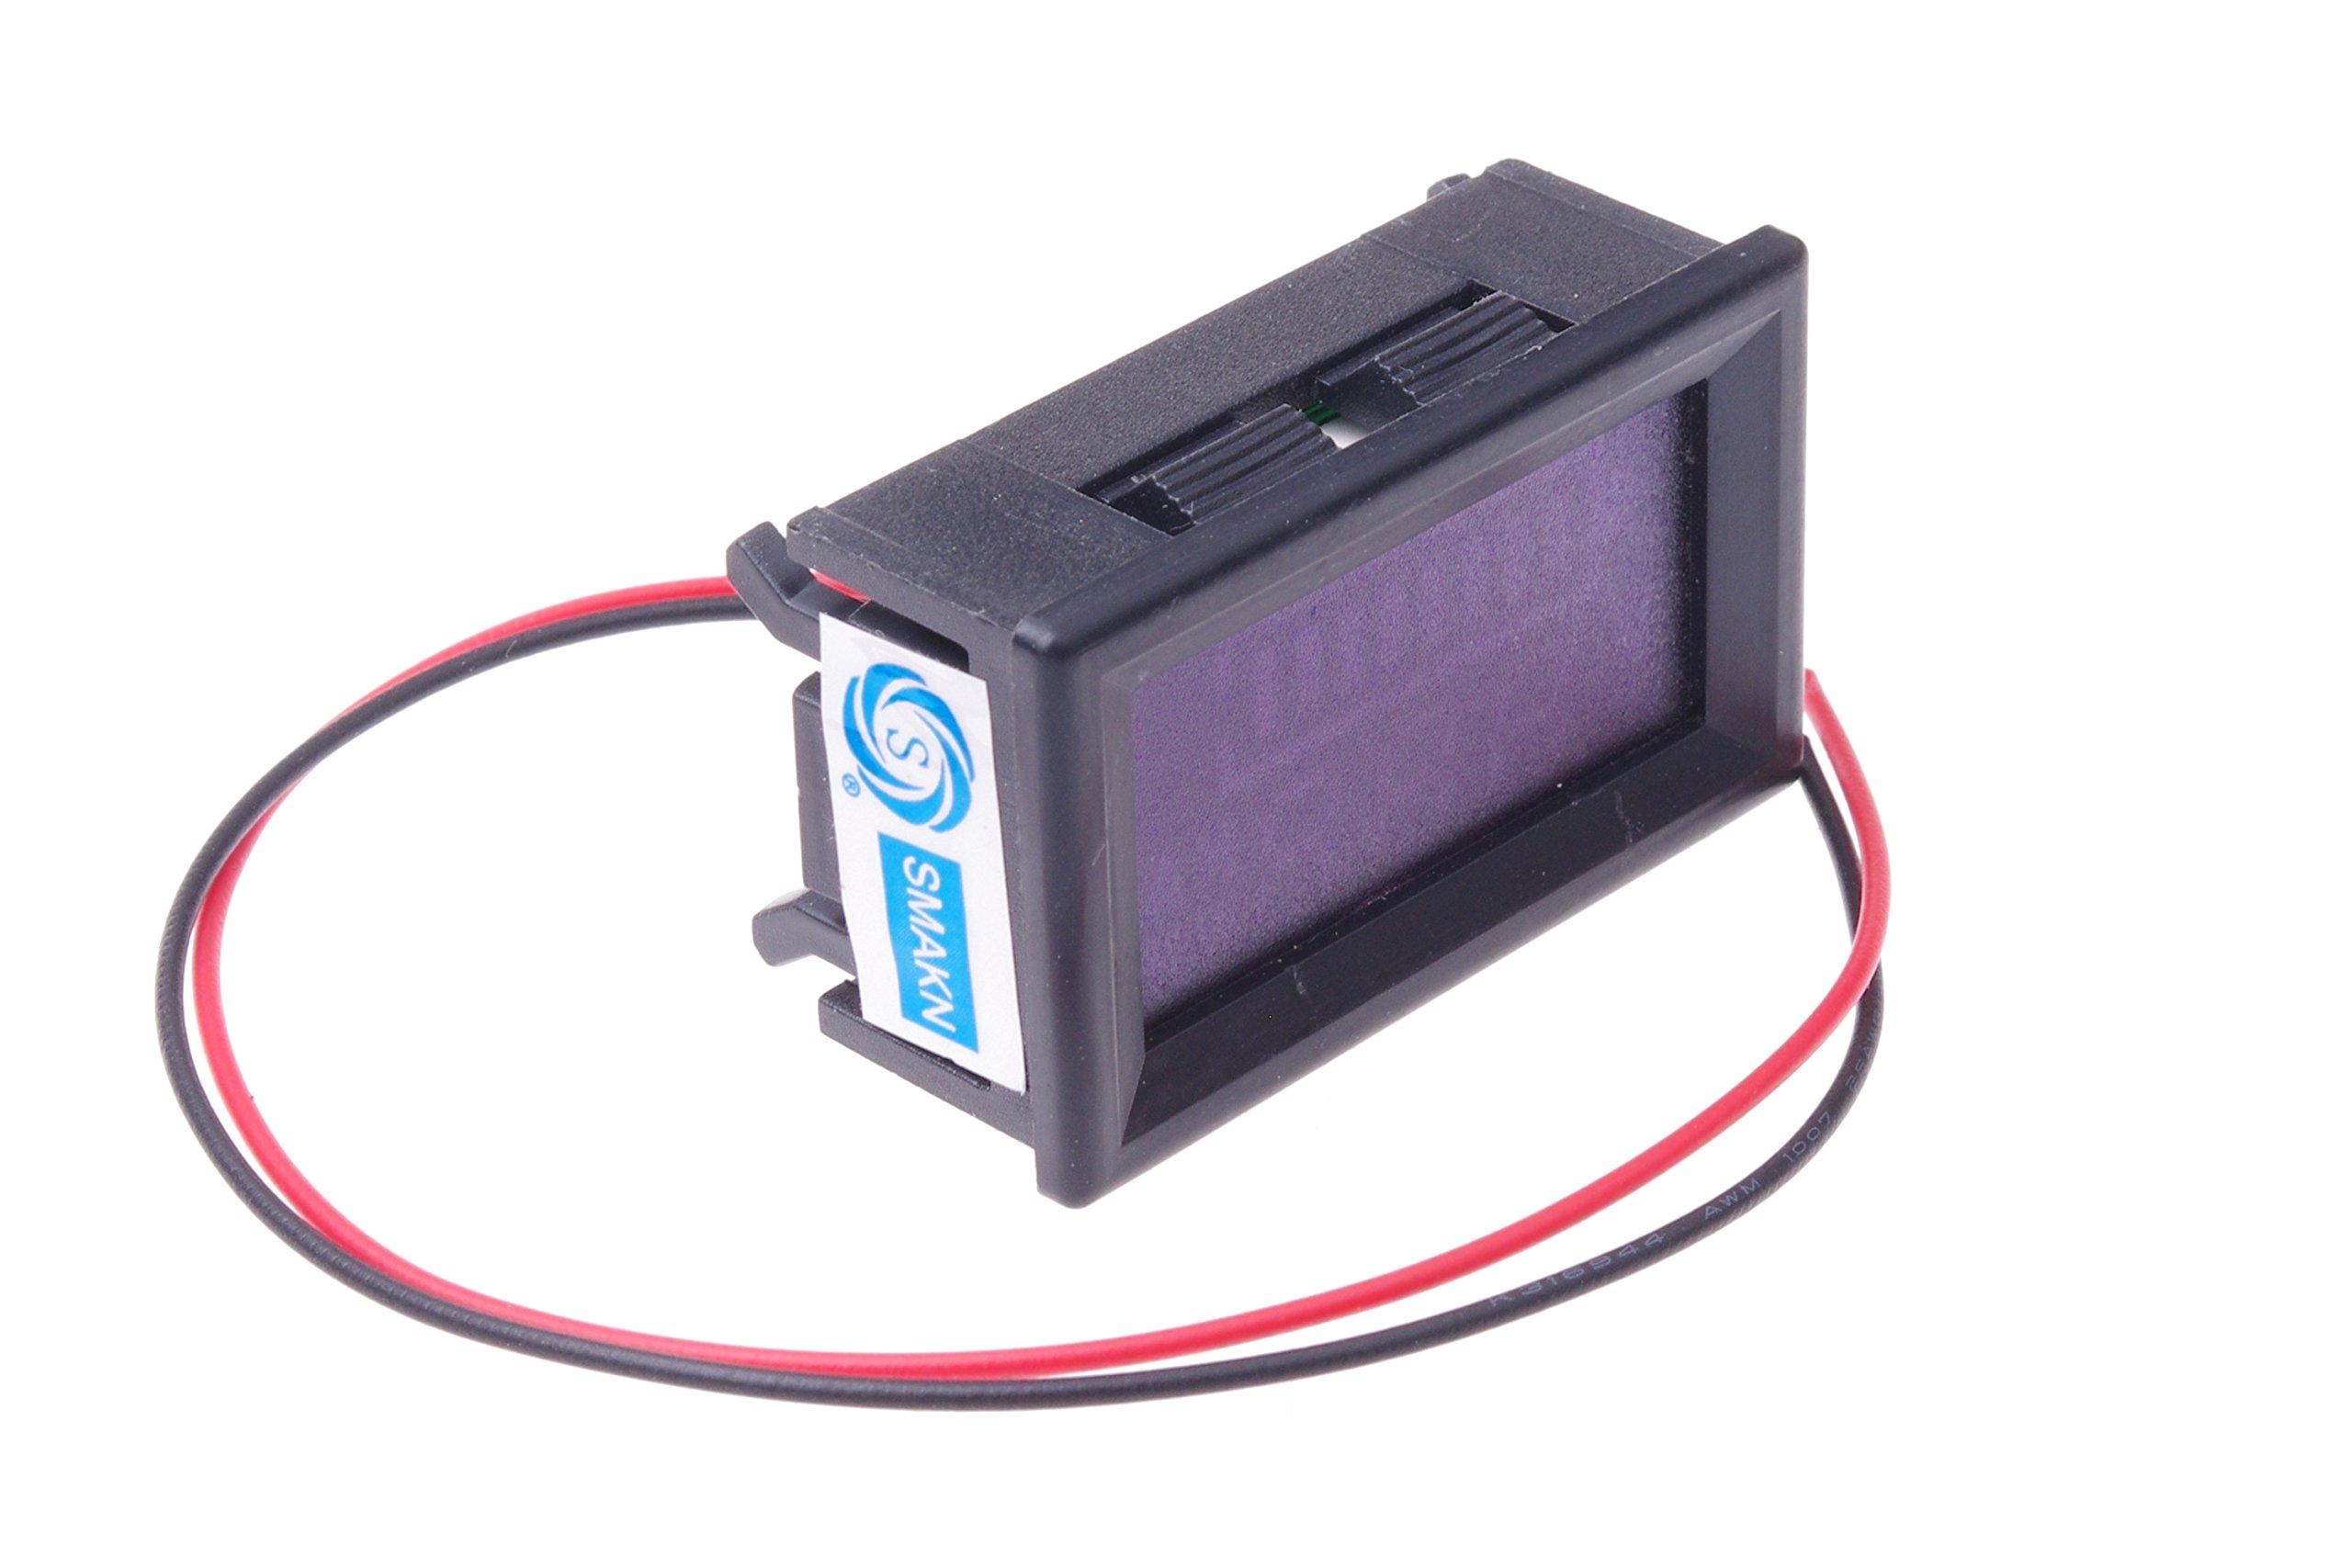 SMAKN DC 12v 24V 36V 48V 60V 72V 96V Acid lead batteries percentage capacity indicator LED Tester voltmeter With TTL OUTPUT by SMAKN (Image #7)